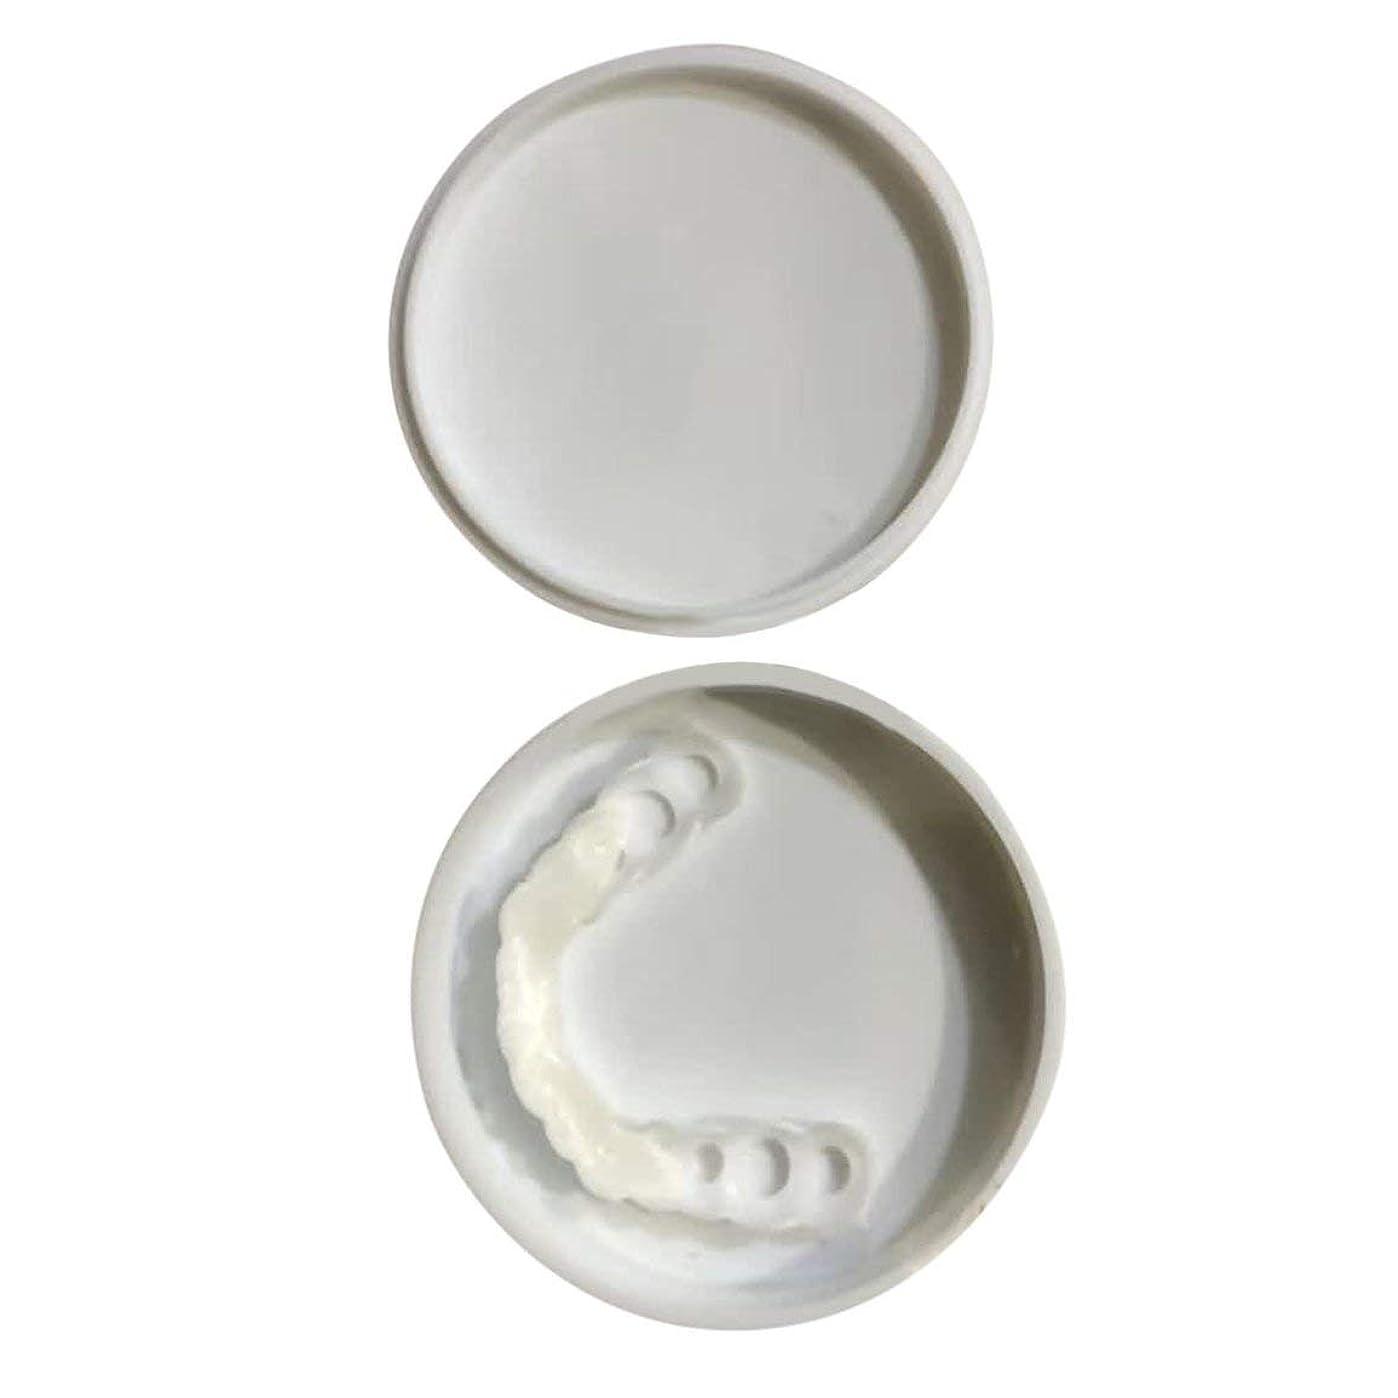 キャラクター個性電信快適なスナップオン男性女性歯インスタントパーフェクトスマイルコンフォートフィットフレックス歯フィットホワイトニング笑顔偽歯カバー - ホワイト